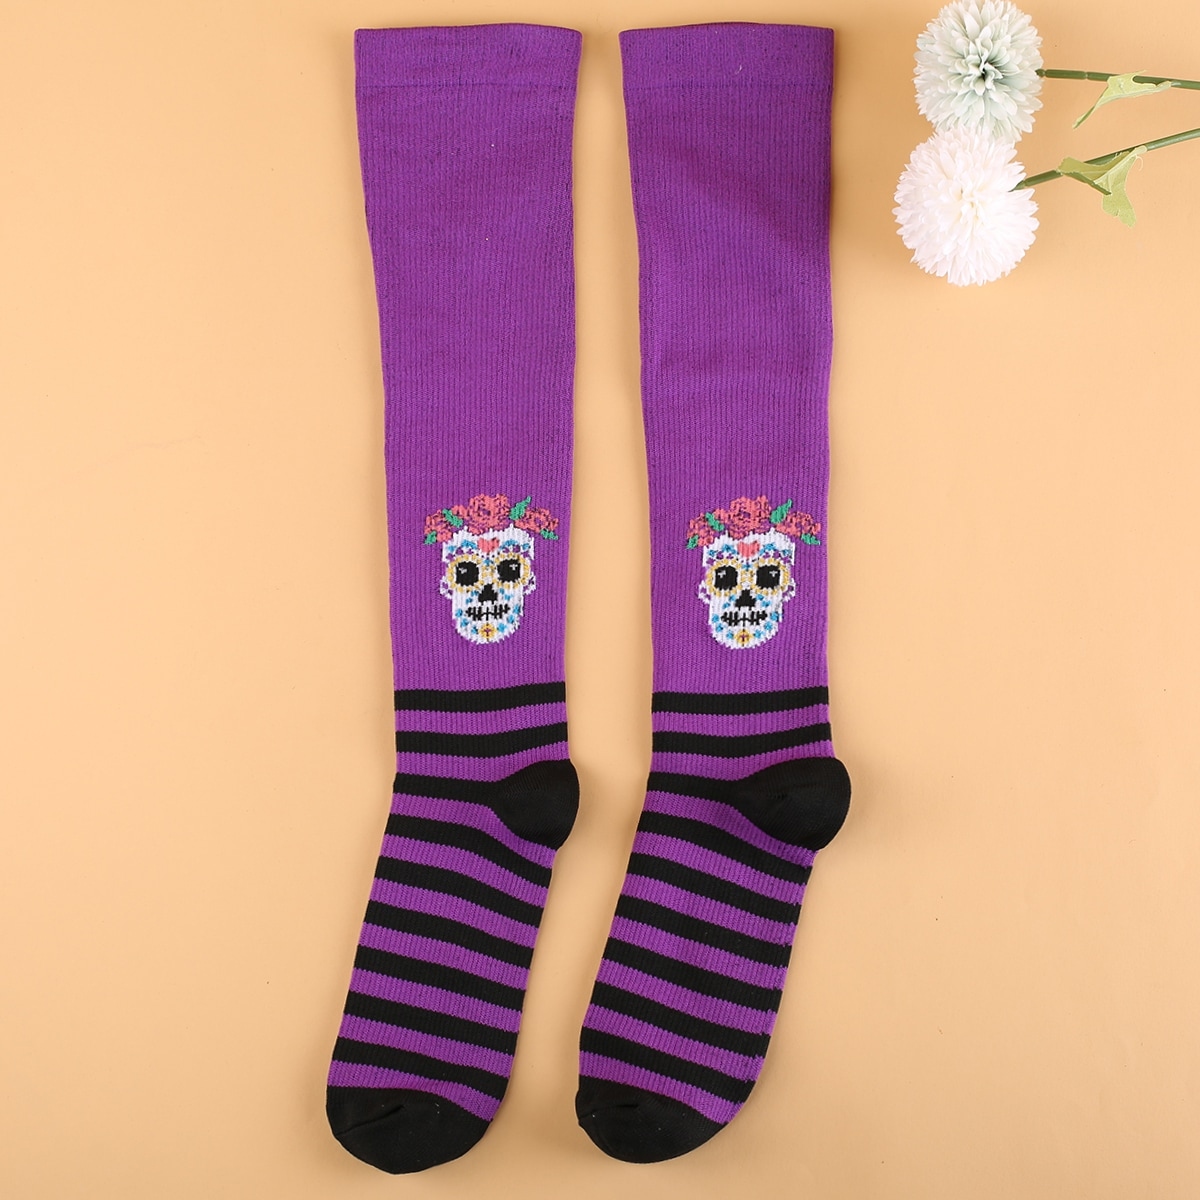 Носки выше голени на хэллоуин с узором черепа